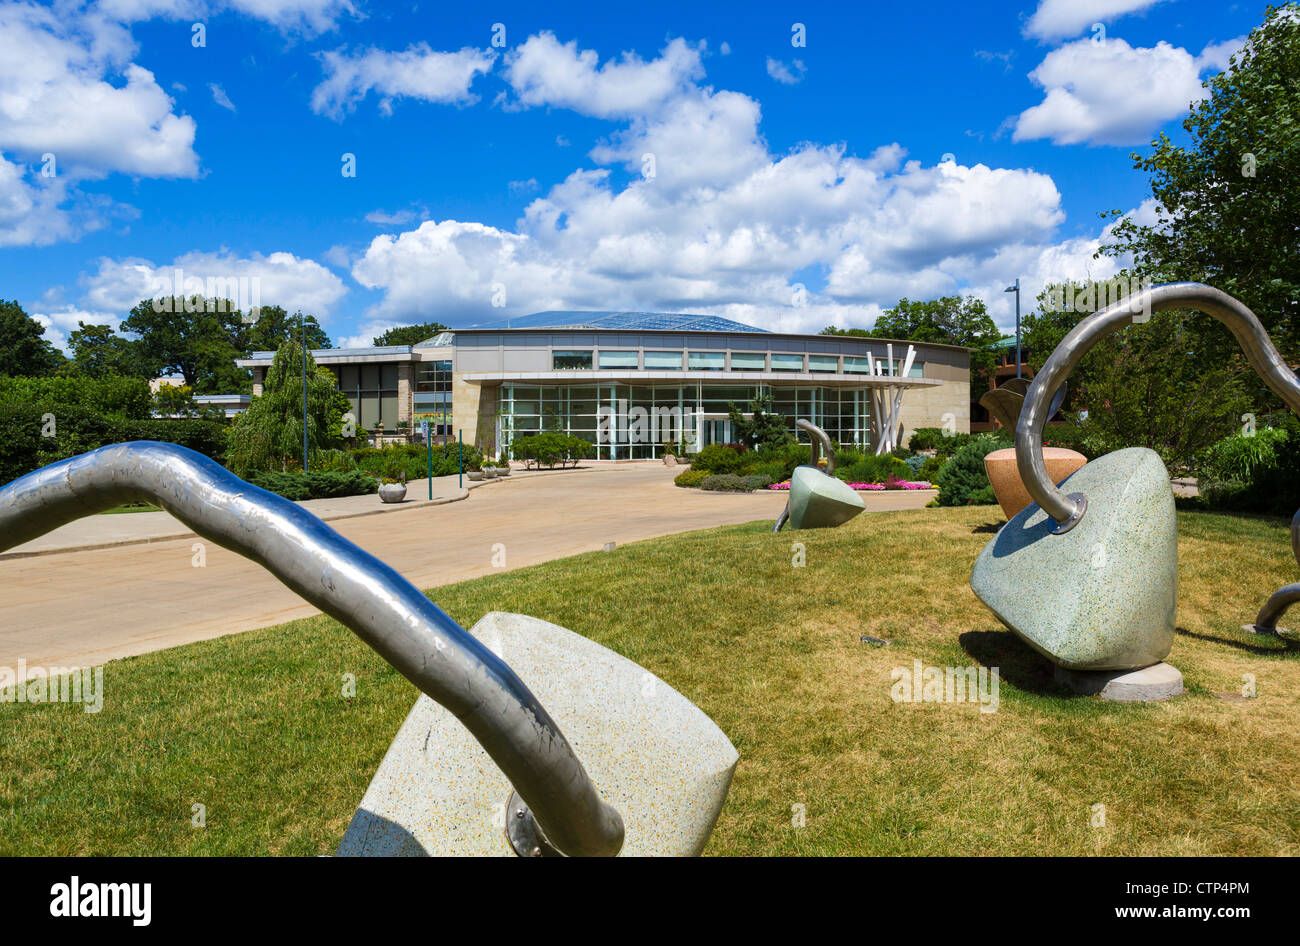 Cleveland Botanical Garden, University Circle Bezirk, Ohio, USA Stockbild